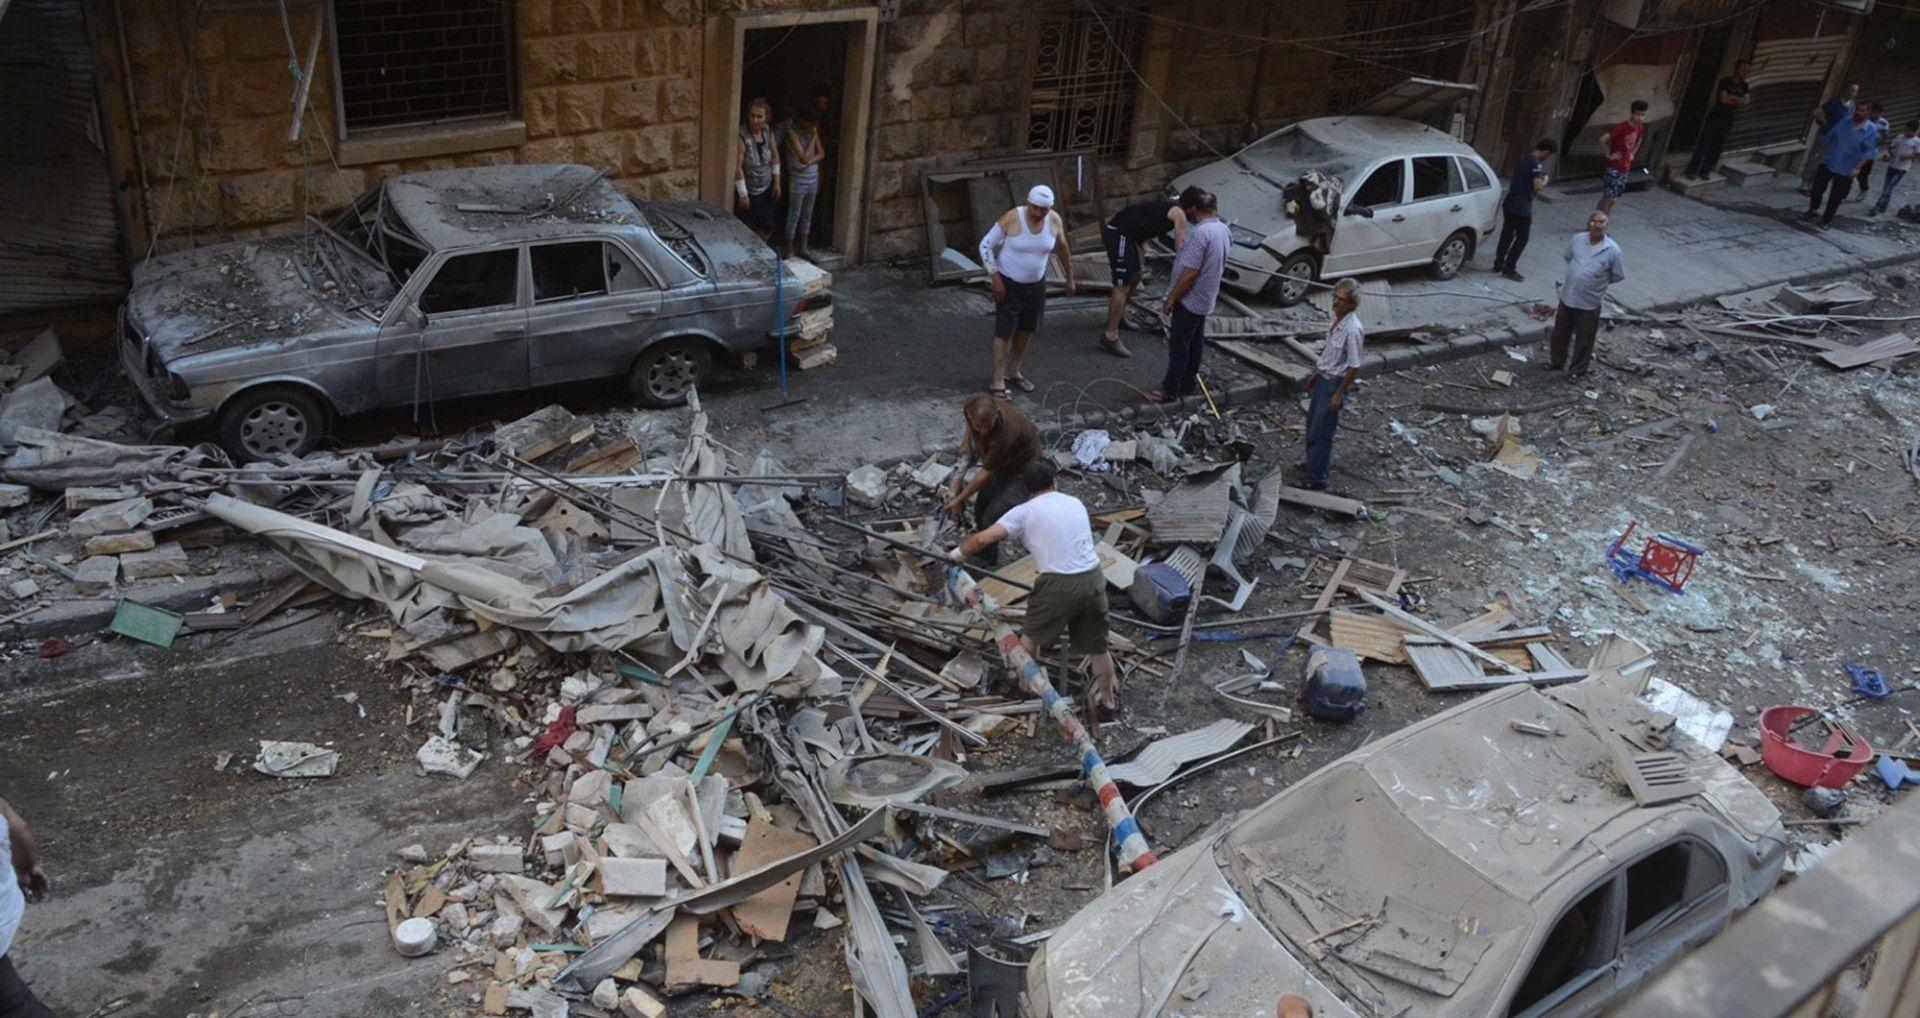 SIRIJA: 43 civila poginula u bombardiranju, Al Qaida pogubila 14 režimskih boraca